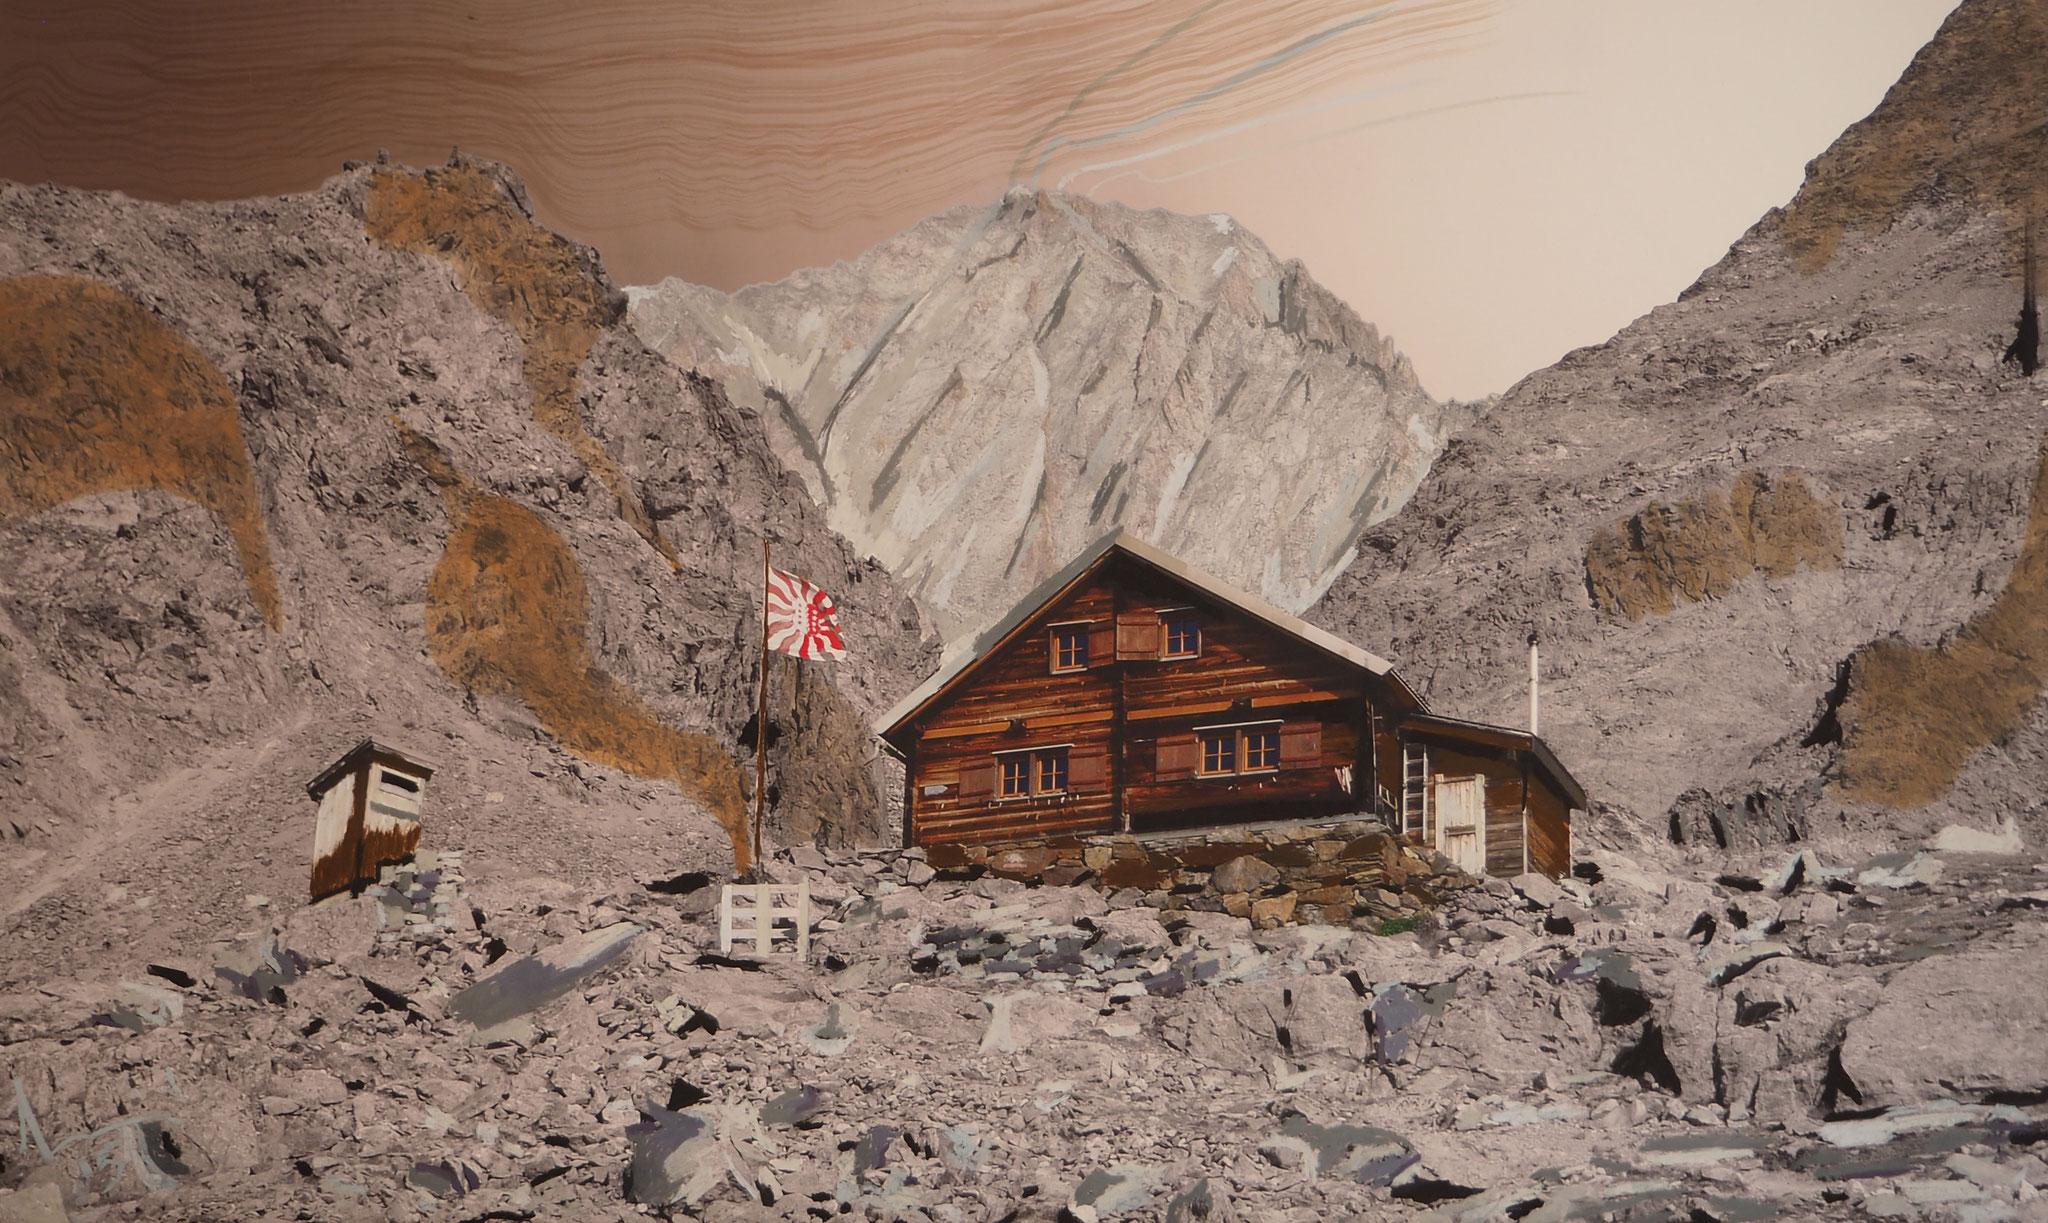 Bietschhürn 100cmx60cm - Bietschhornhütte 2565 m